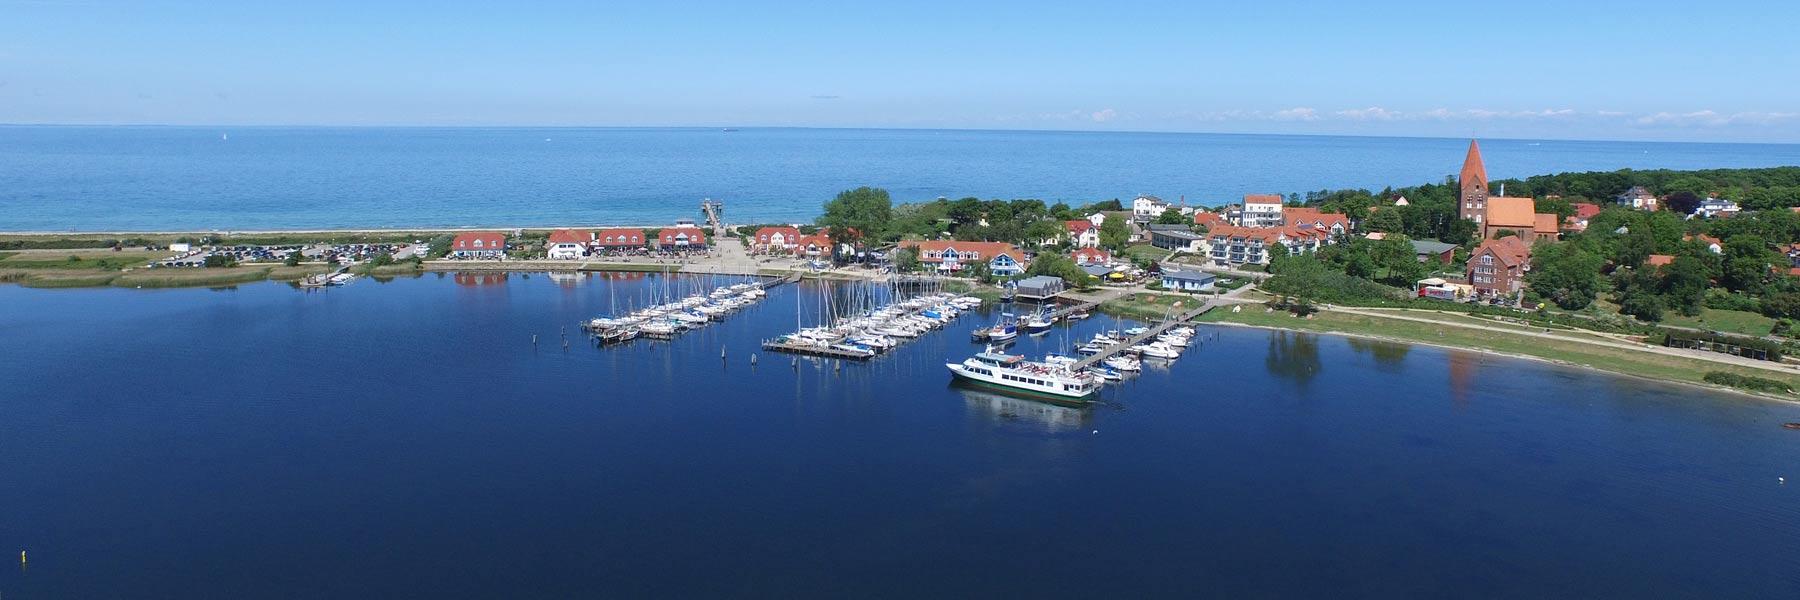 Luftaufnahme - Ostseebad Rerik